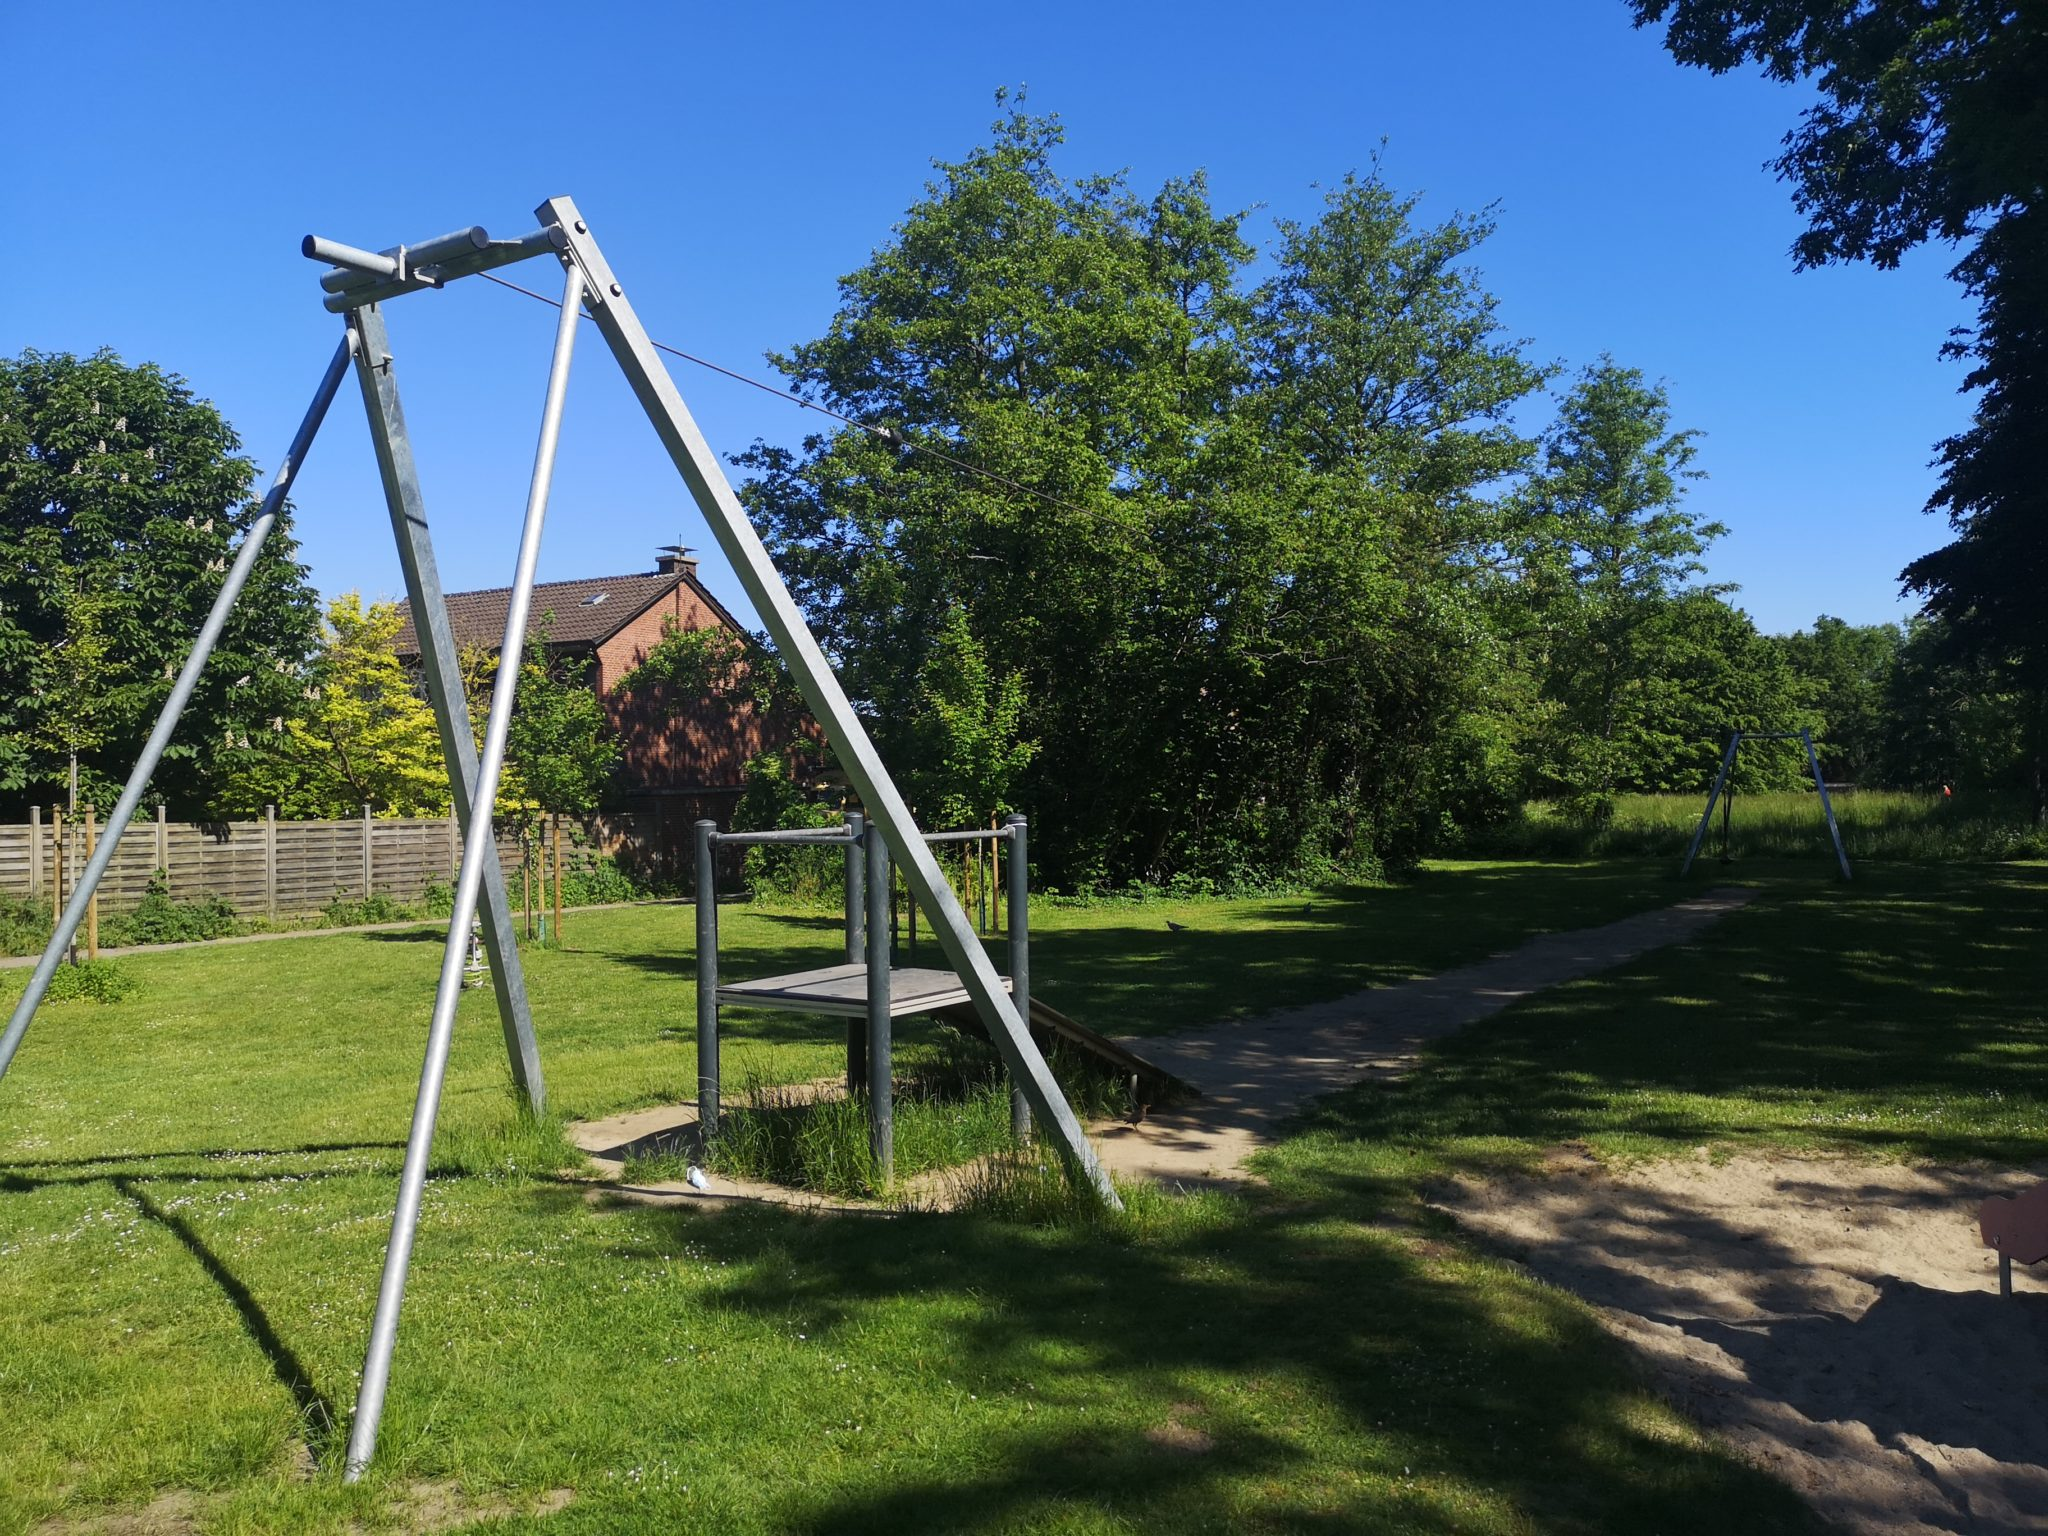 Ansicht Seilbahn Spielplatz Mertens Wäldchen